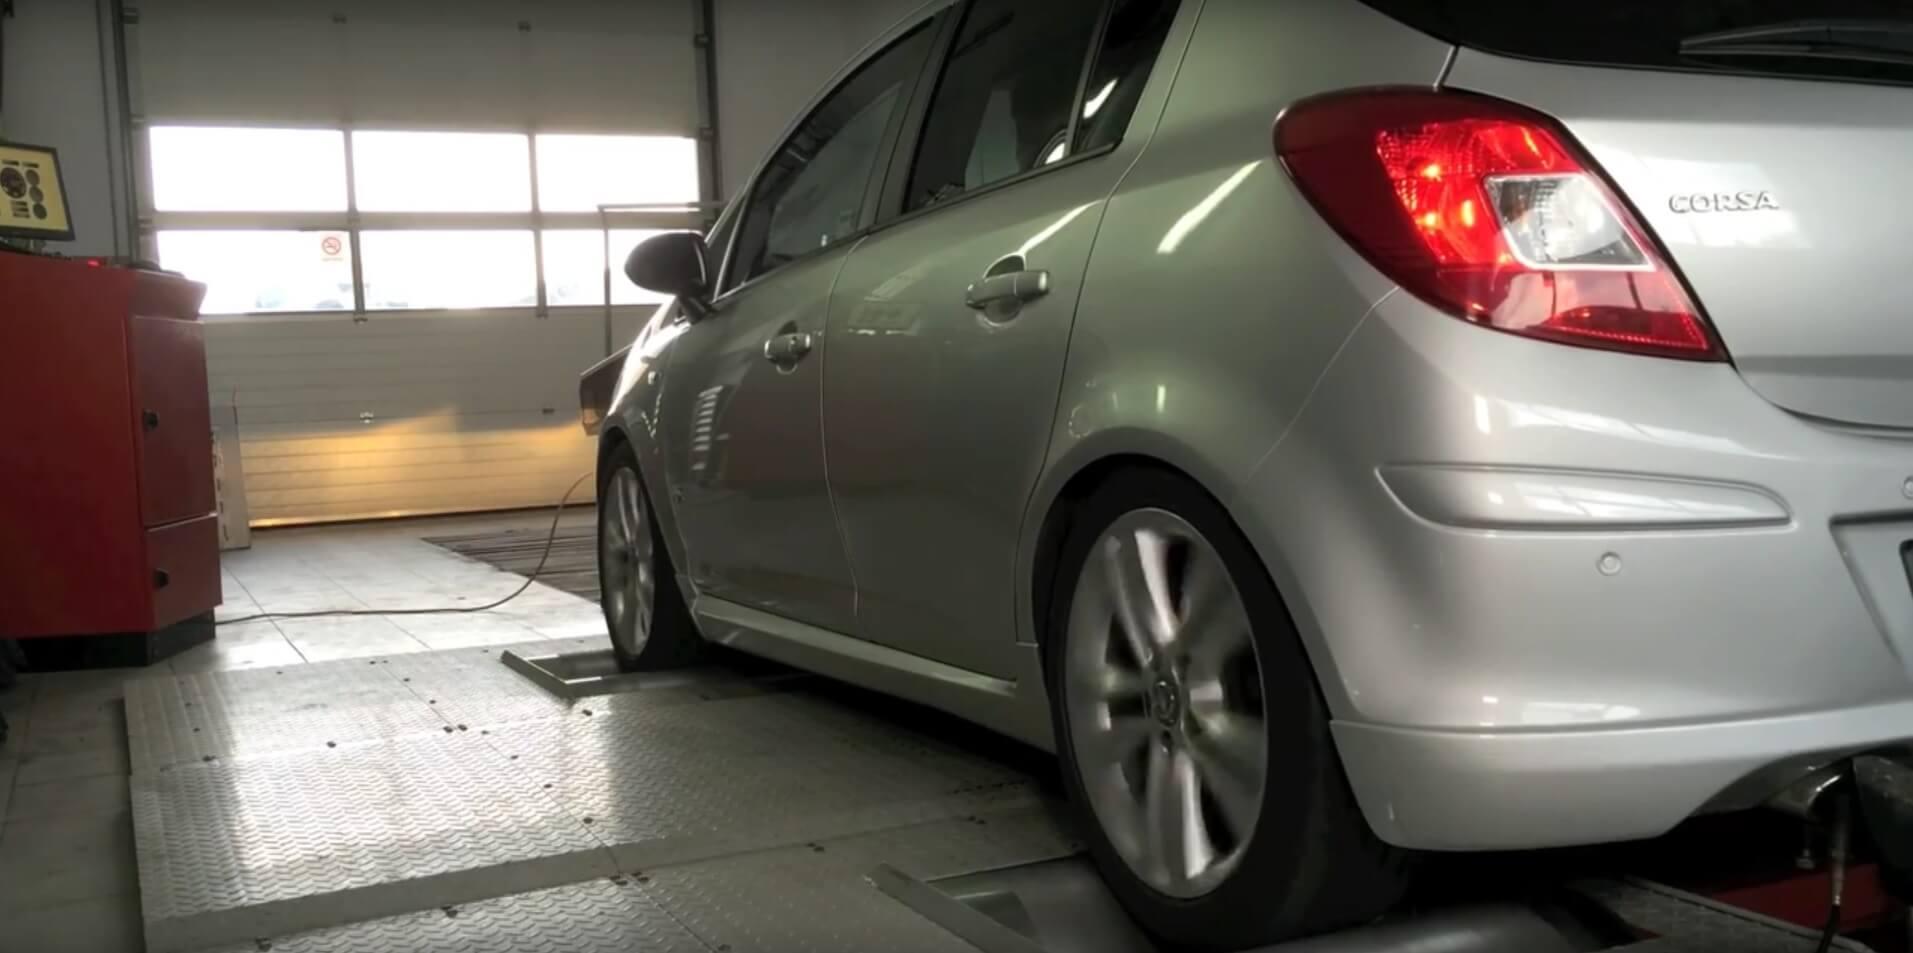 Grand Opel Corsa po chip tuningu w Grand Service – uzyskaliśmy 30 KM więcej